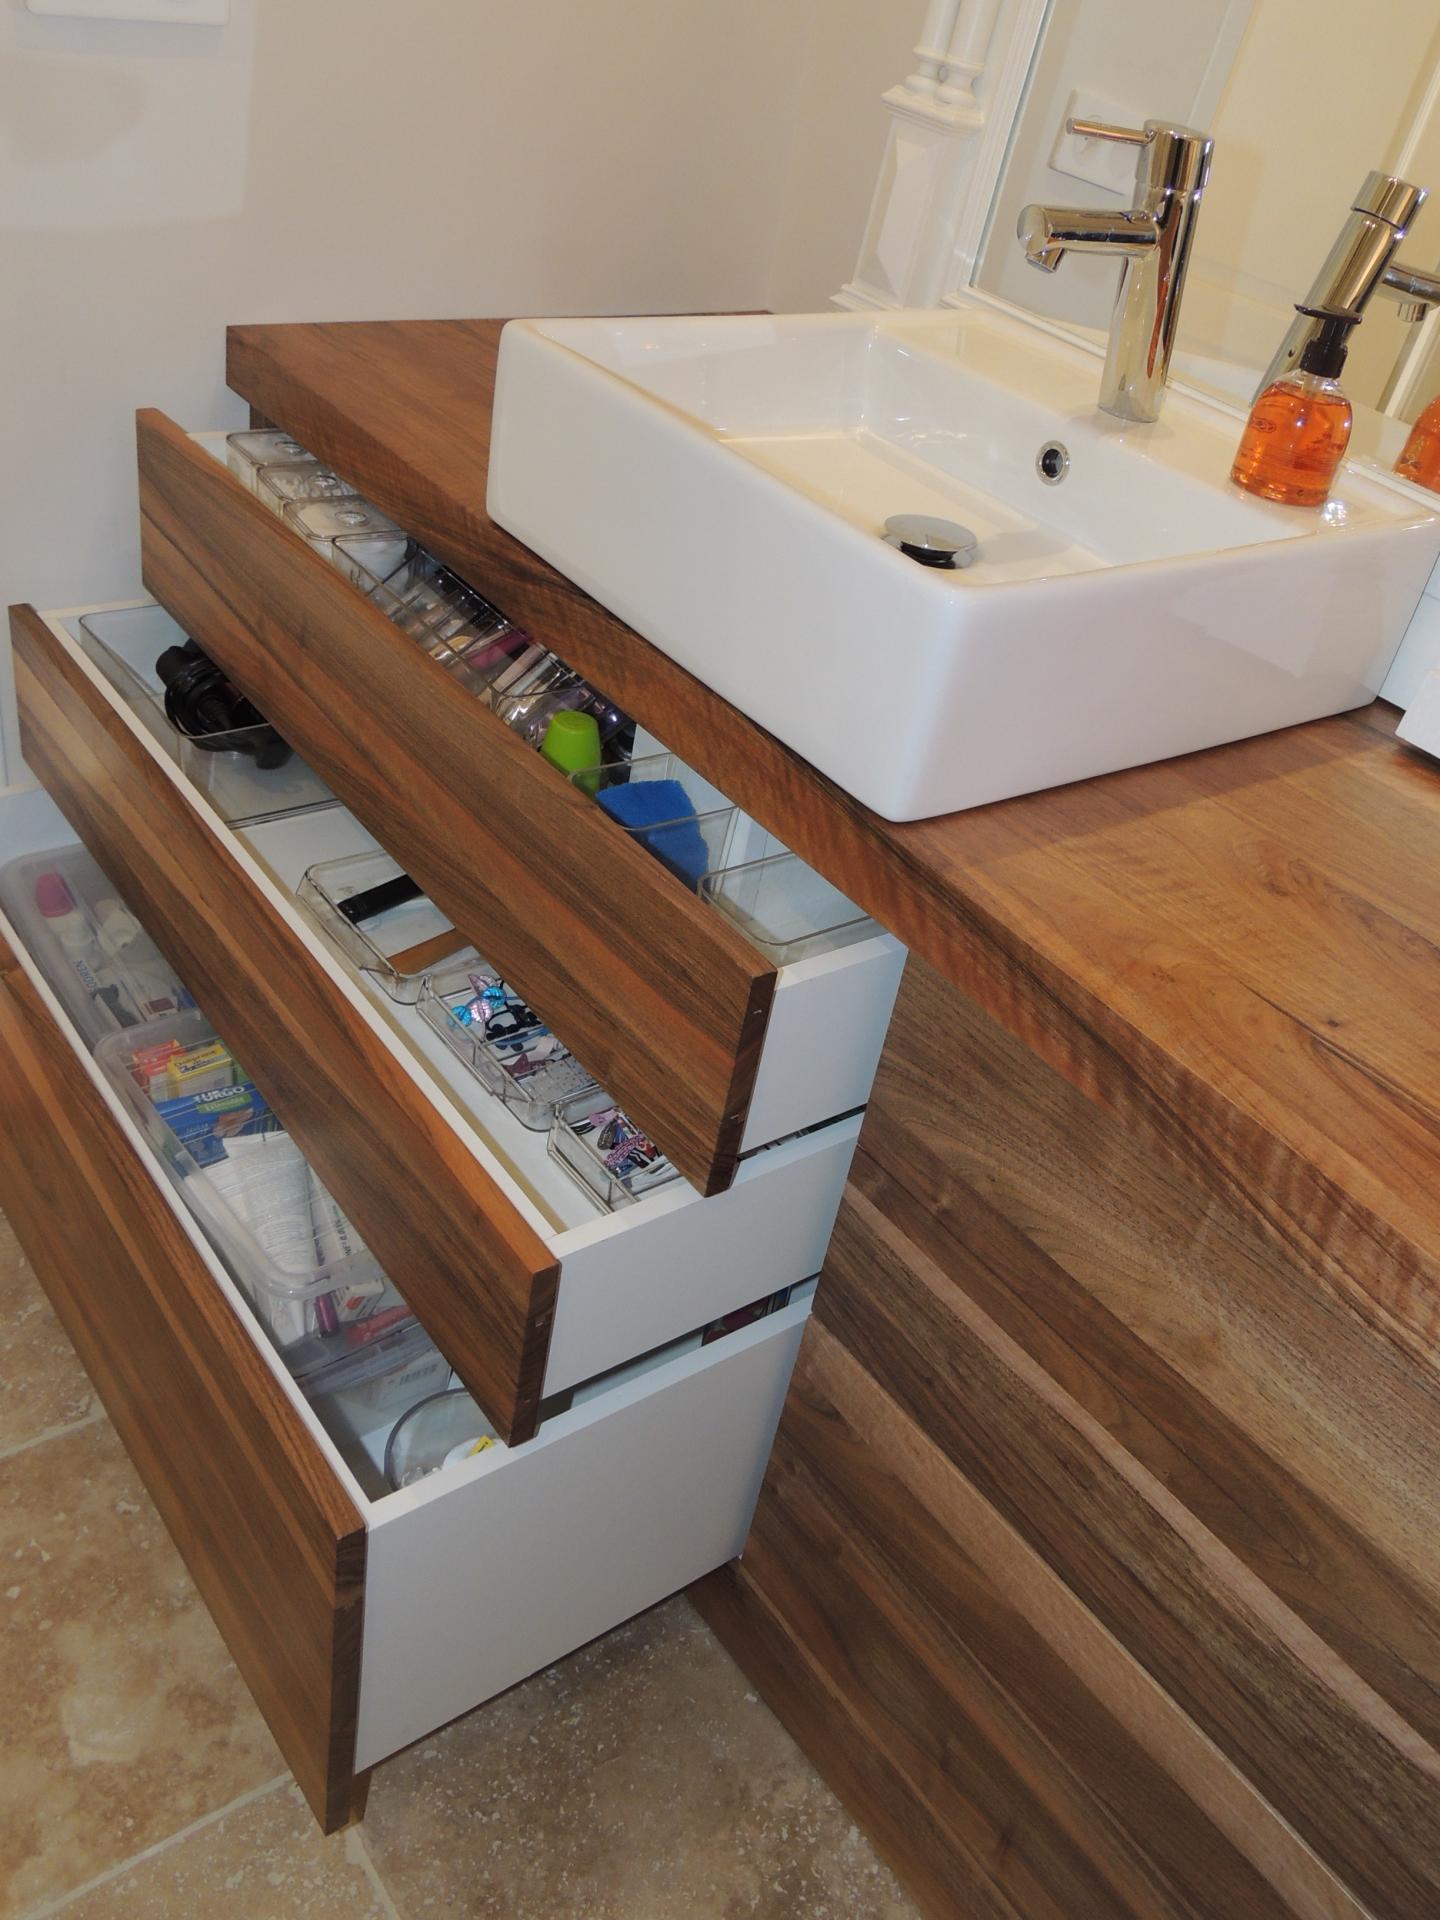 bispoke drawer - bathroom - www.ateliercannelle.com